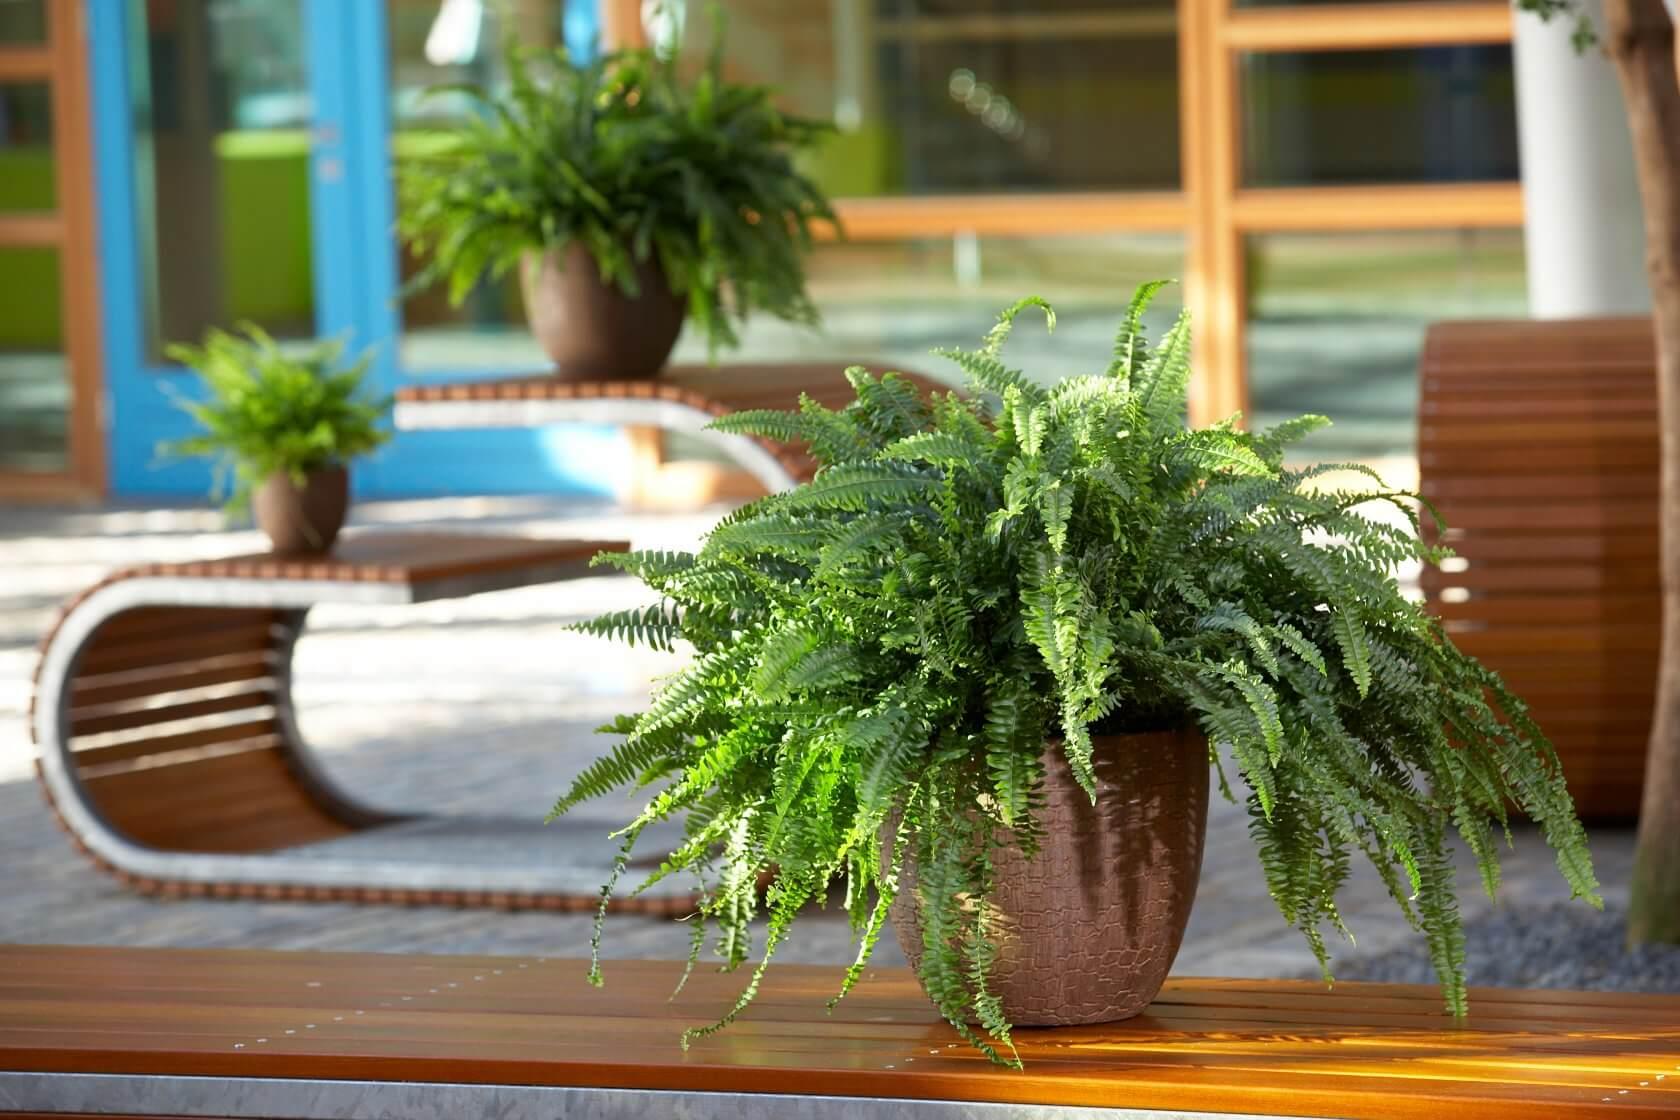 Домашний папоротник: приметы и суеверия - можно ли держать растение в доме